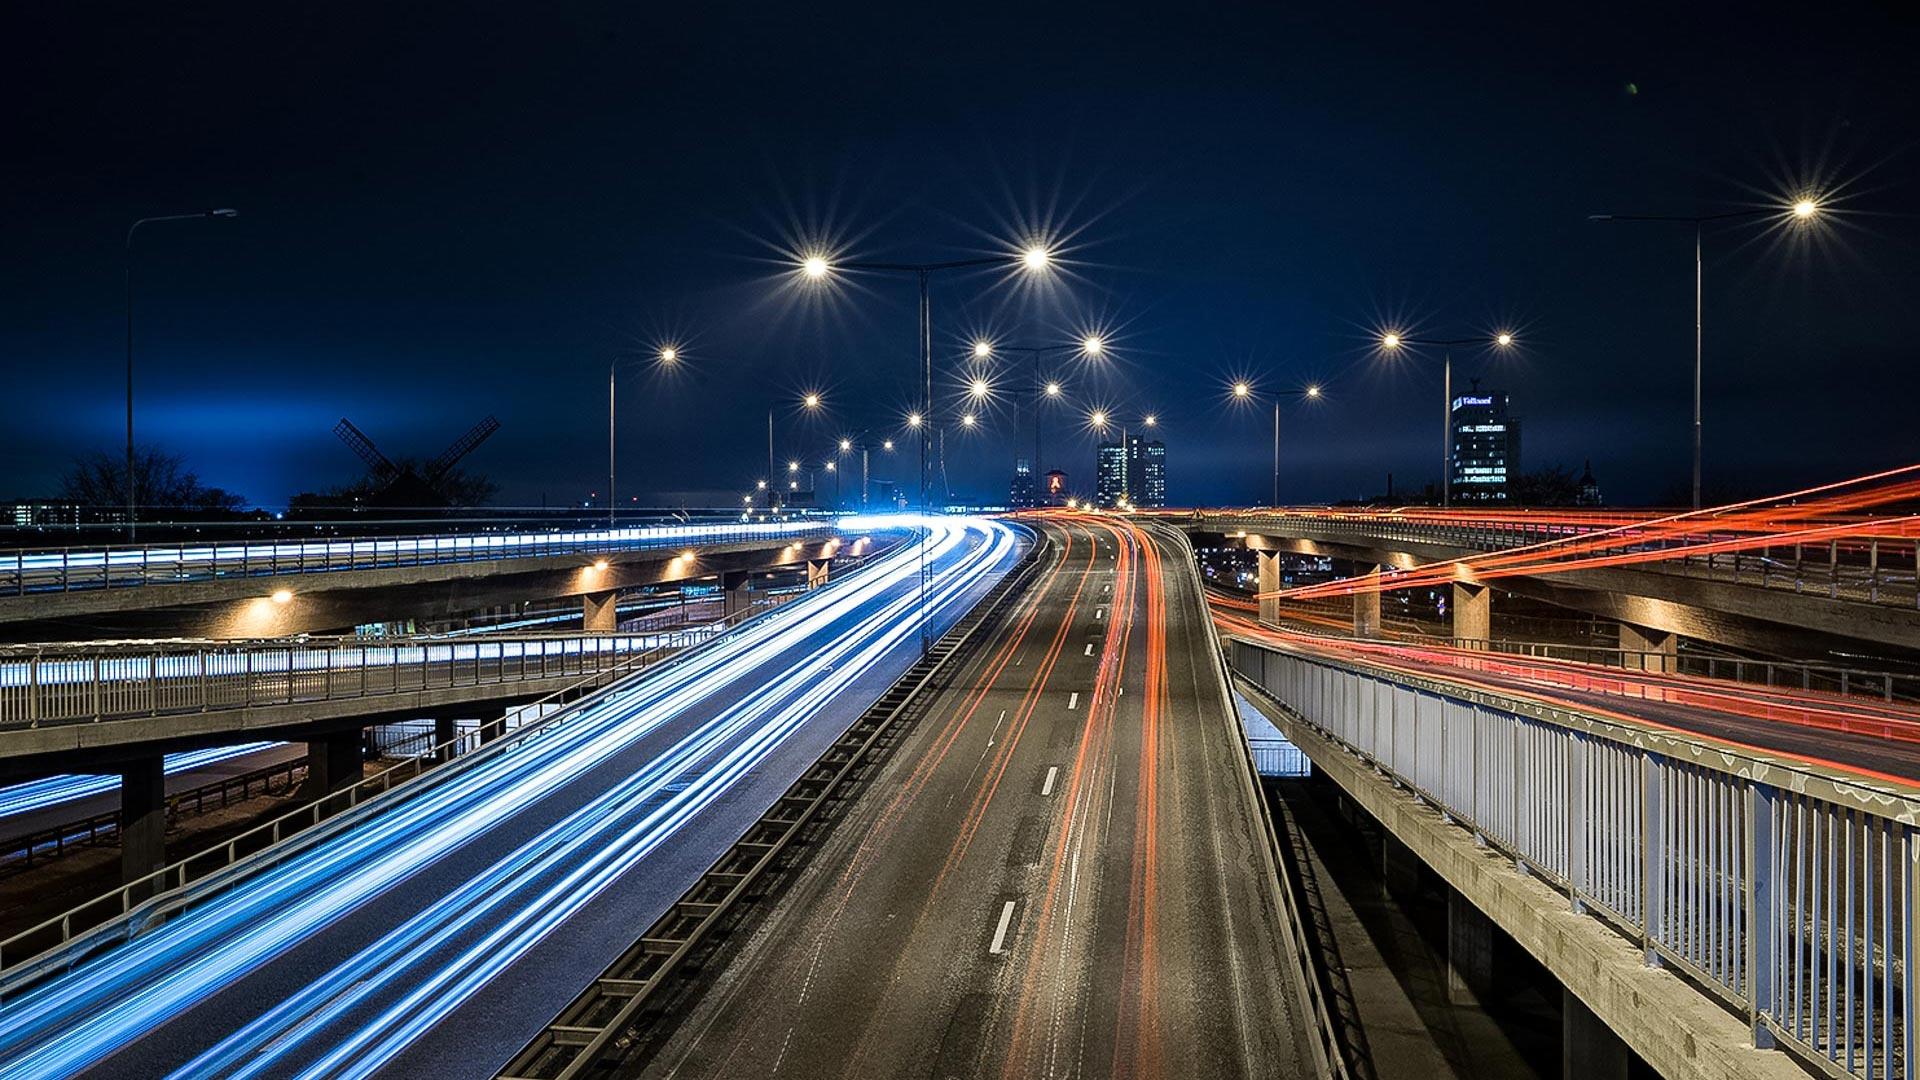 Fotokurser nattfotografering online